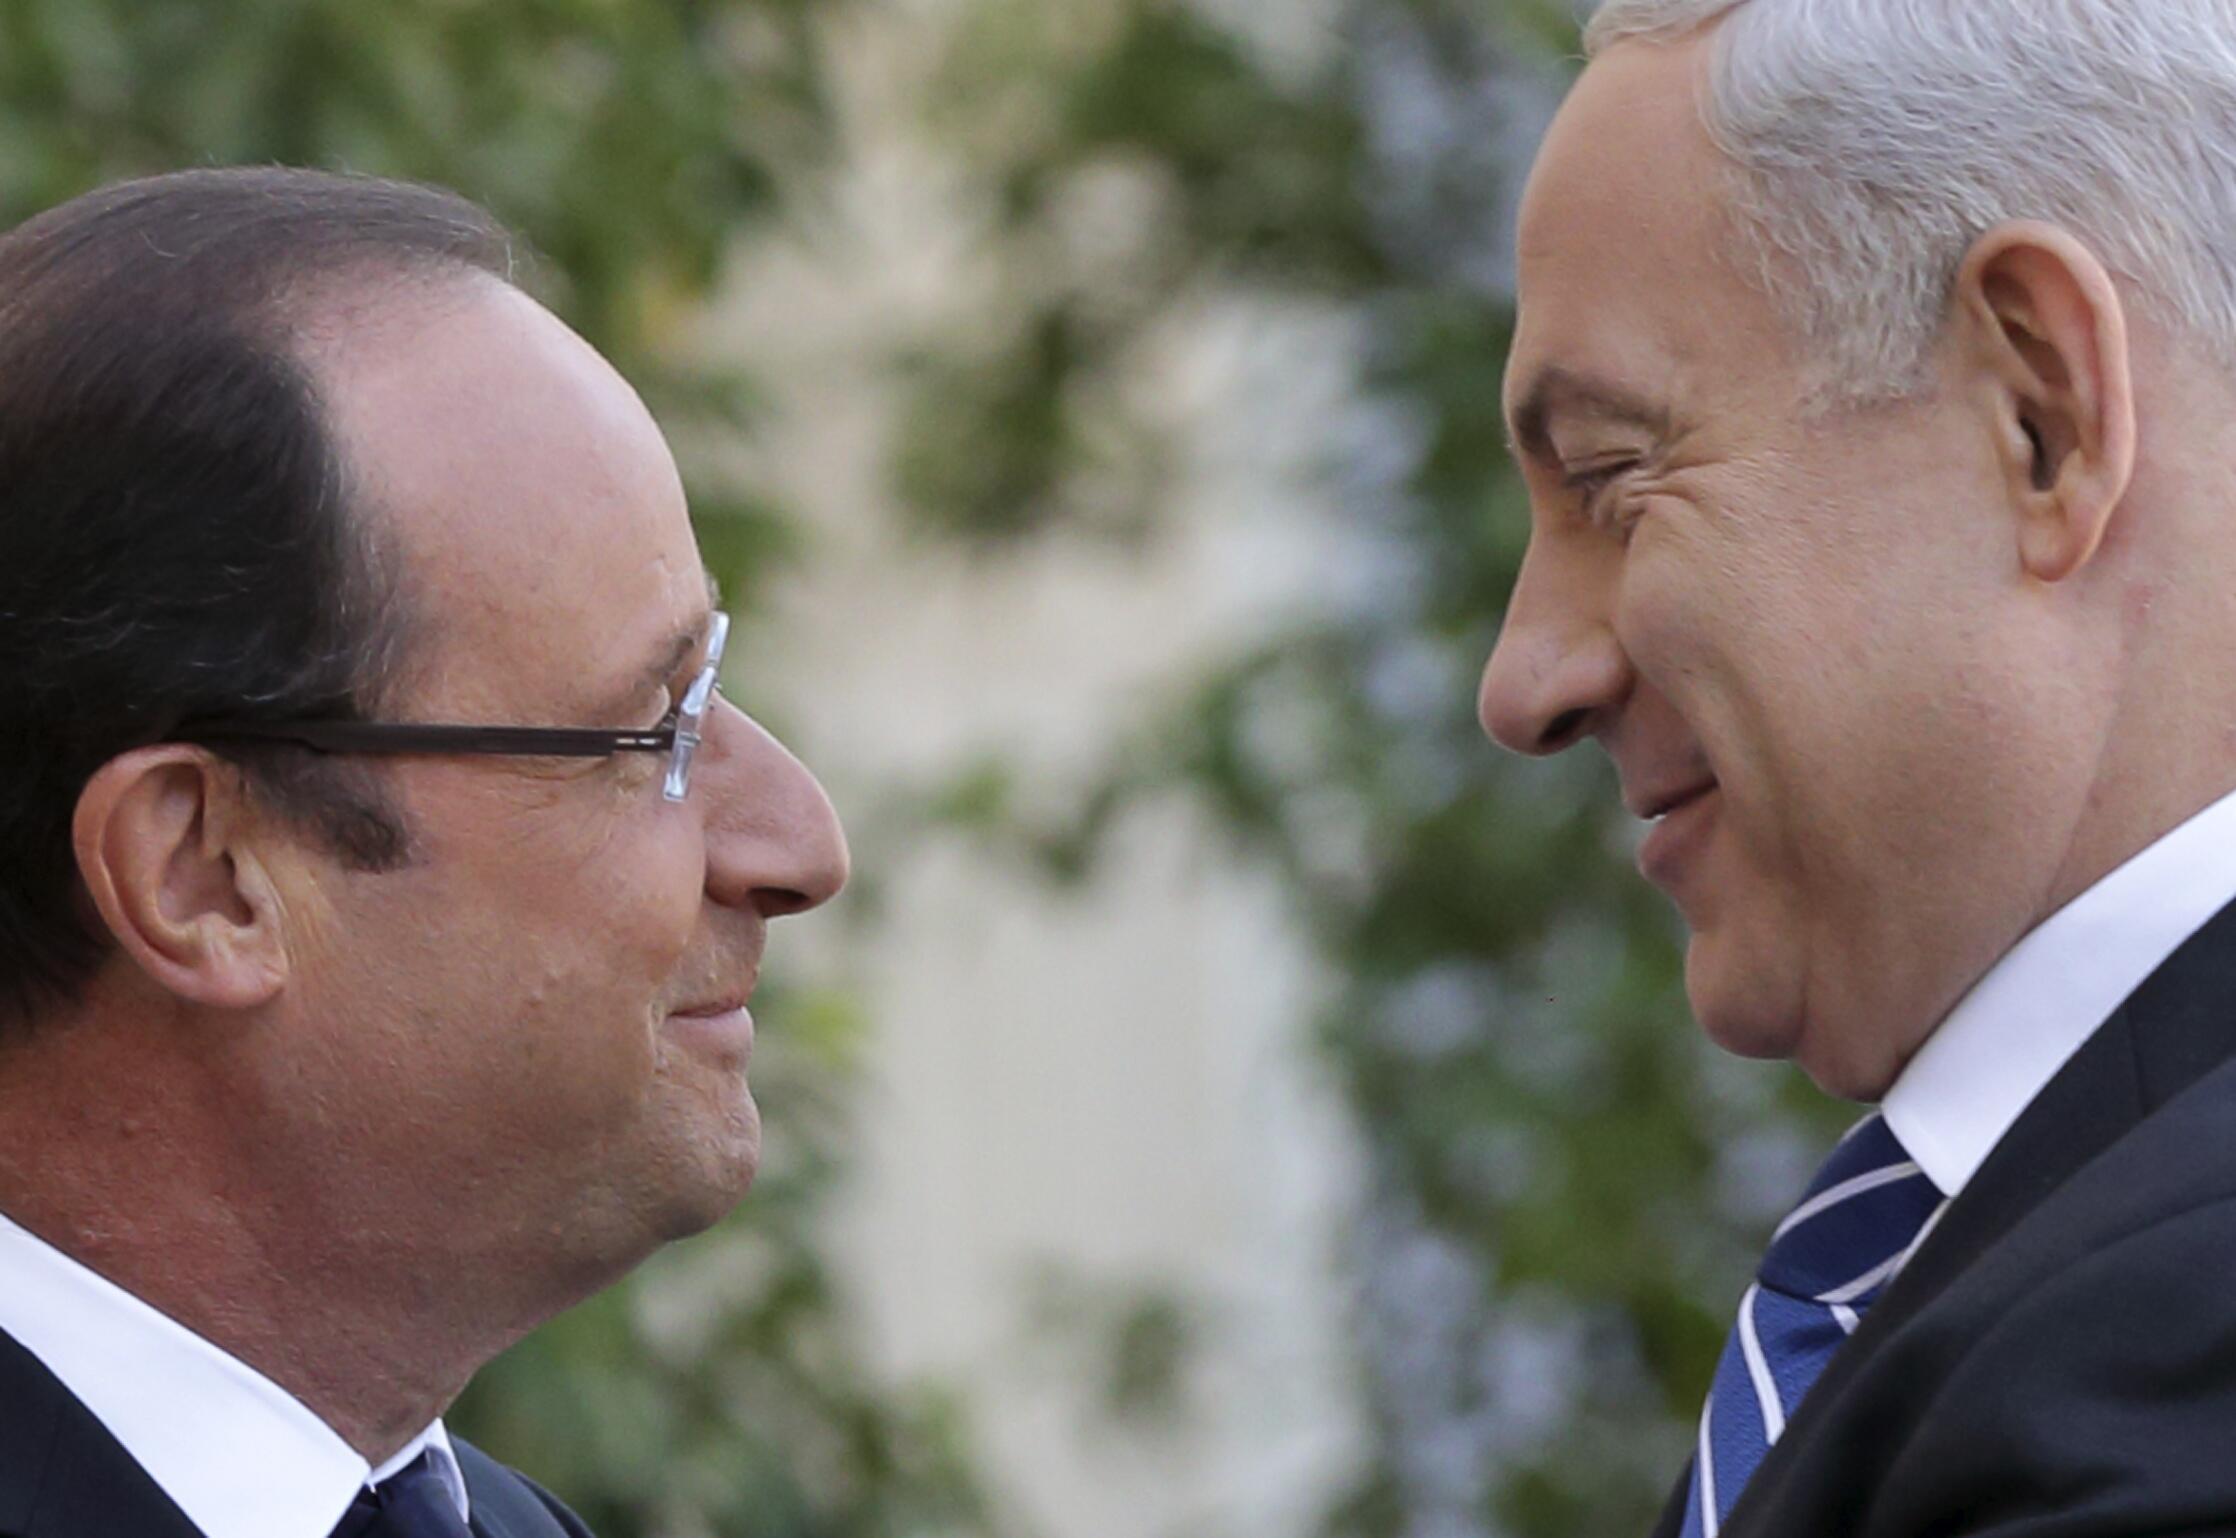 O presidente da França, François Hollande, recebe o primeiro-ministro de Israel, Benjamin Netanyahu, no Palácio do Eliseu em Paris.